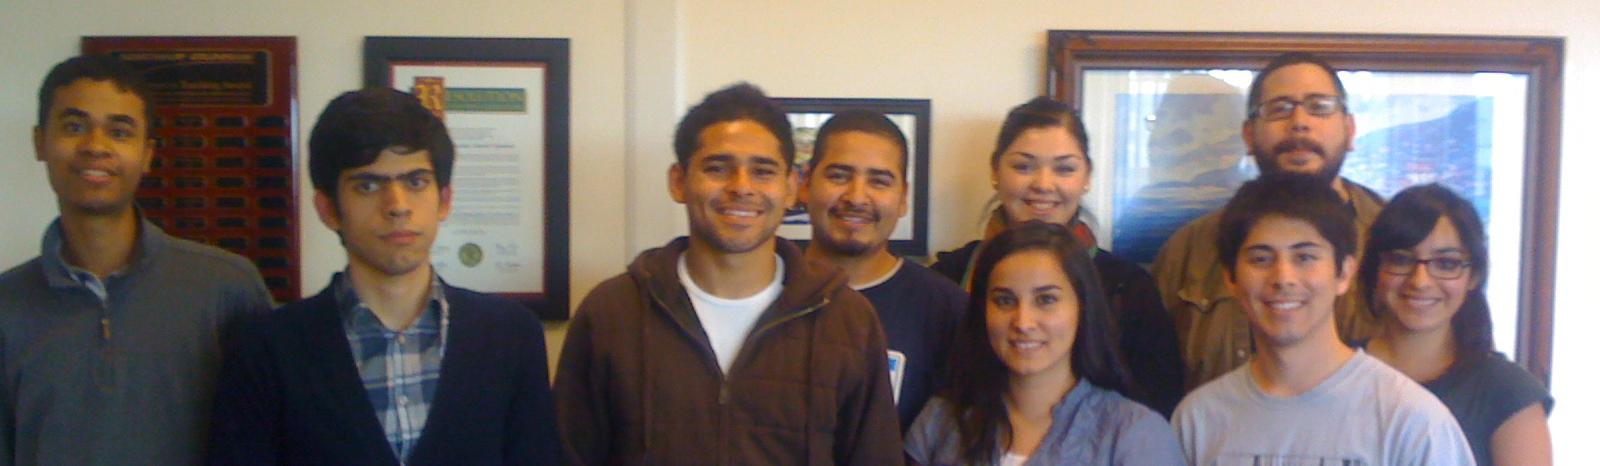 MARC Scholars 2010-2011